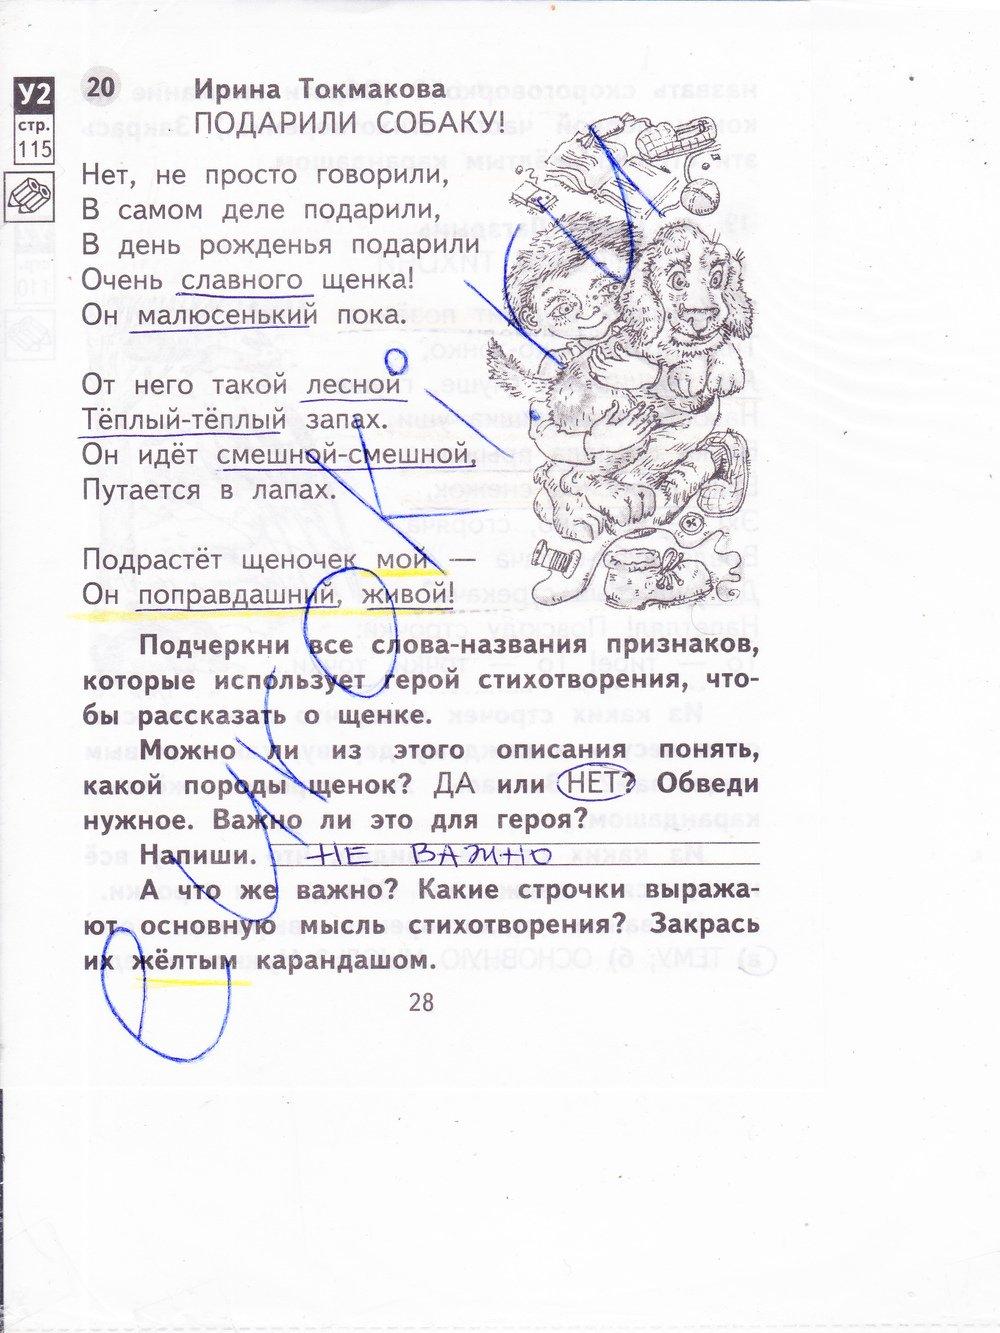 Гдз литературное чтение тетрадь 2 часть 2 класс малаховская